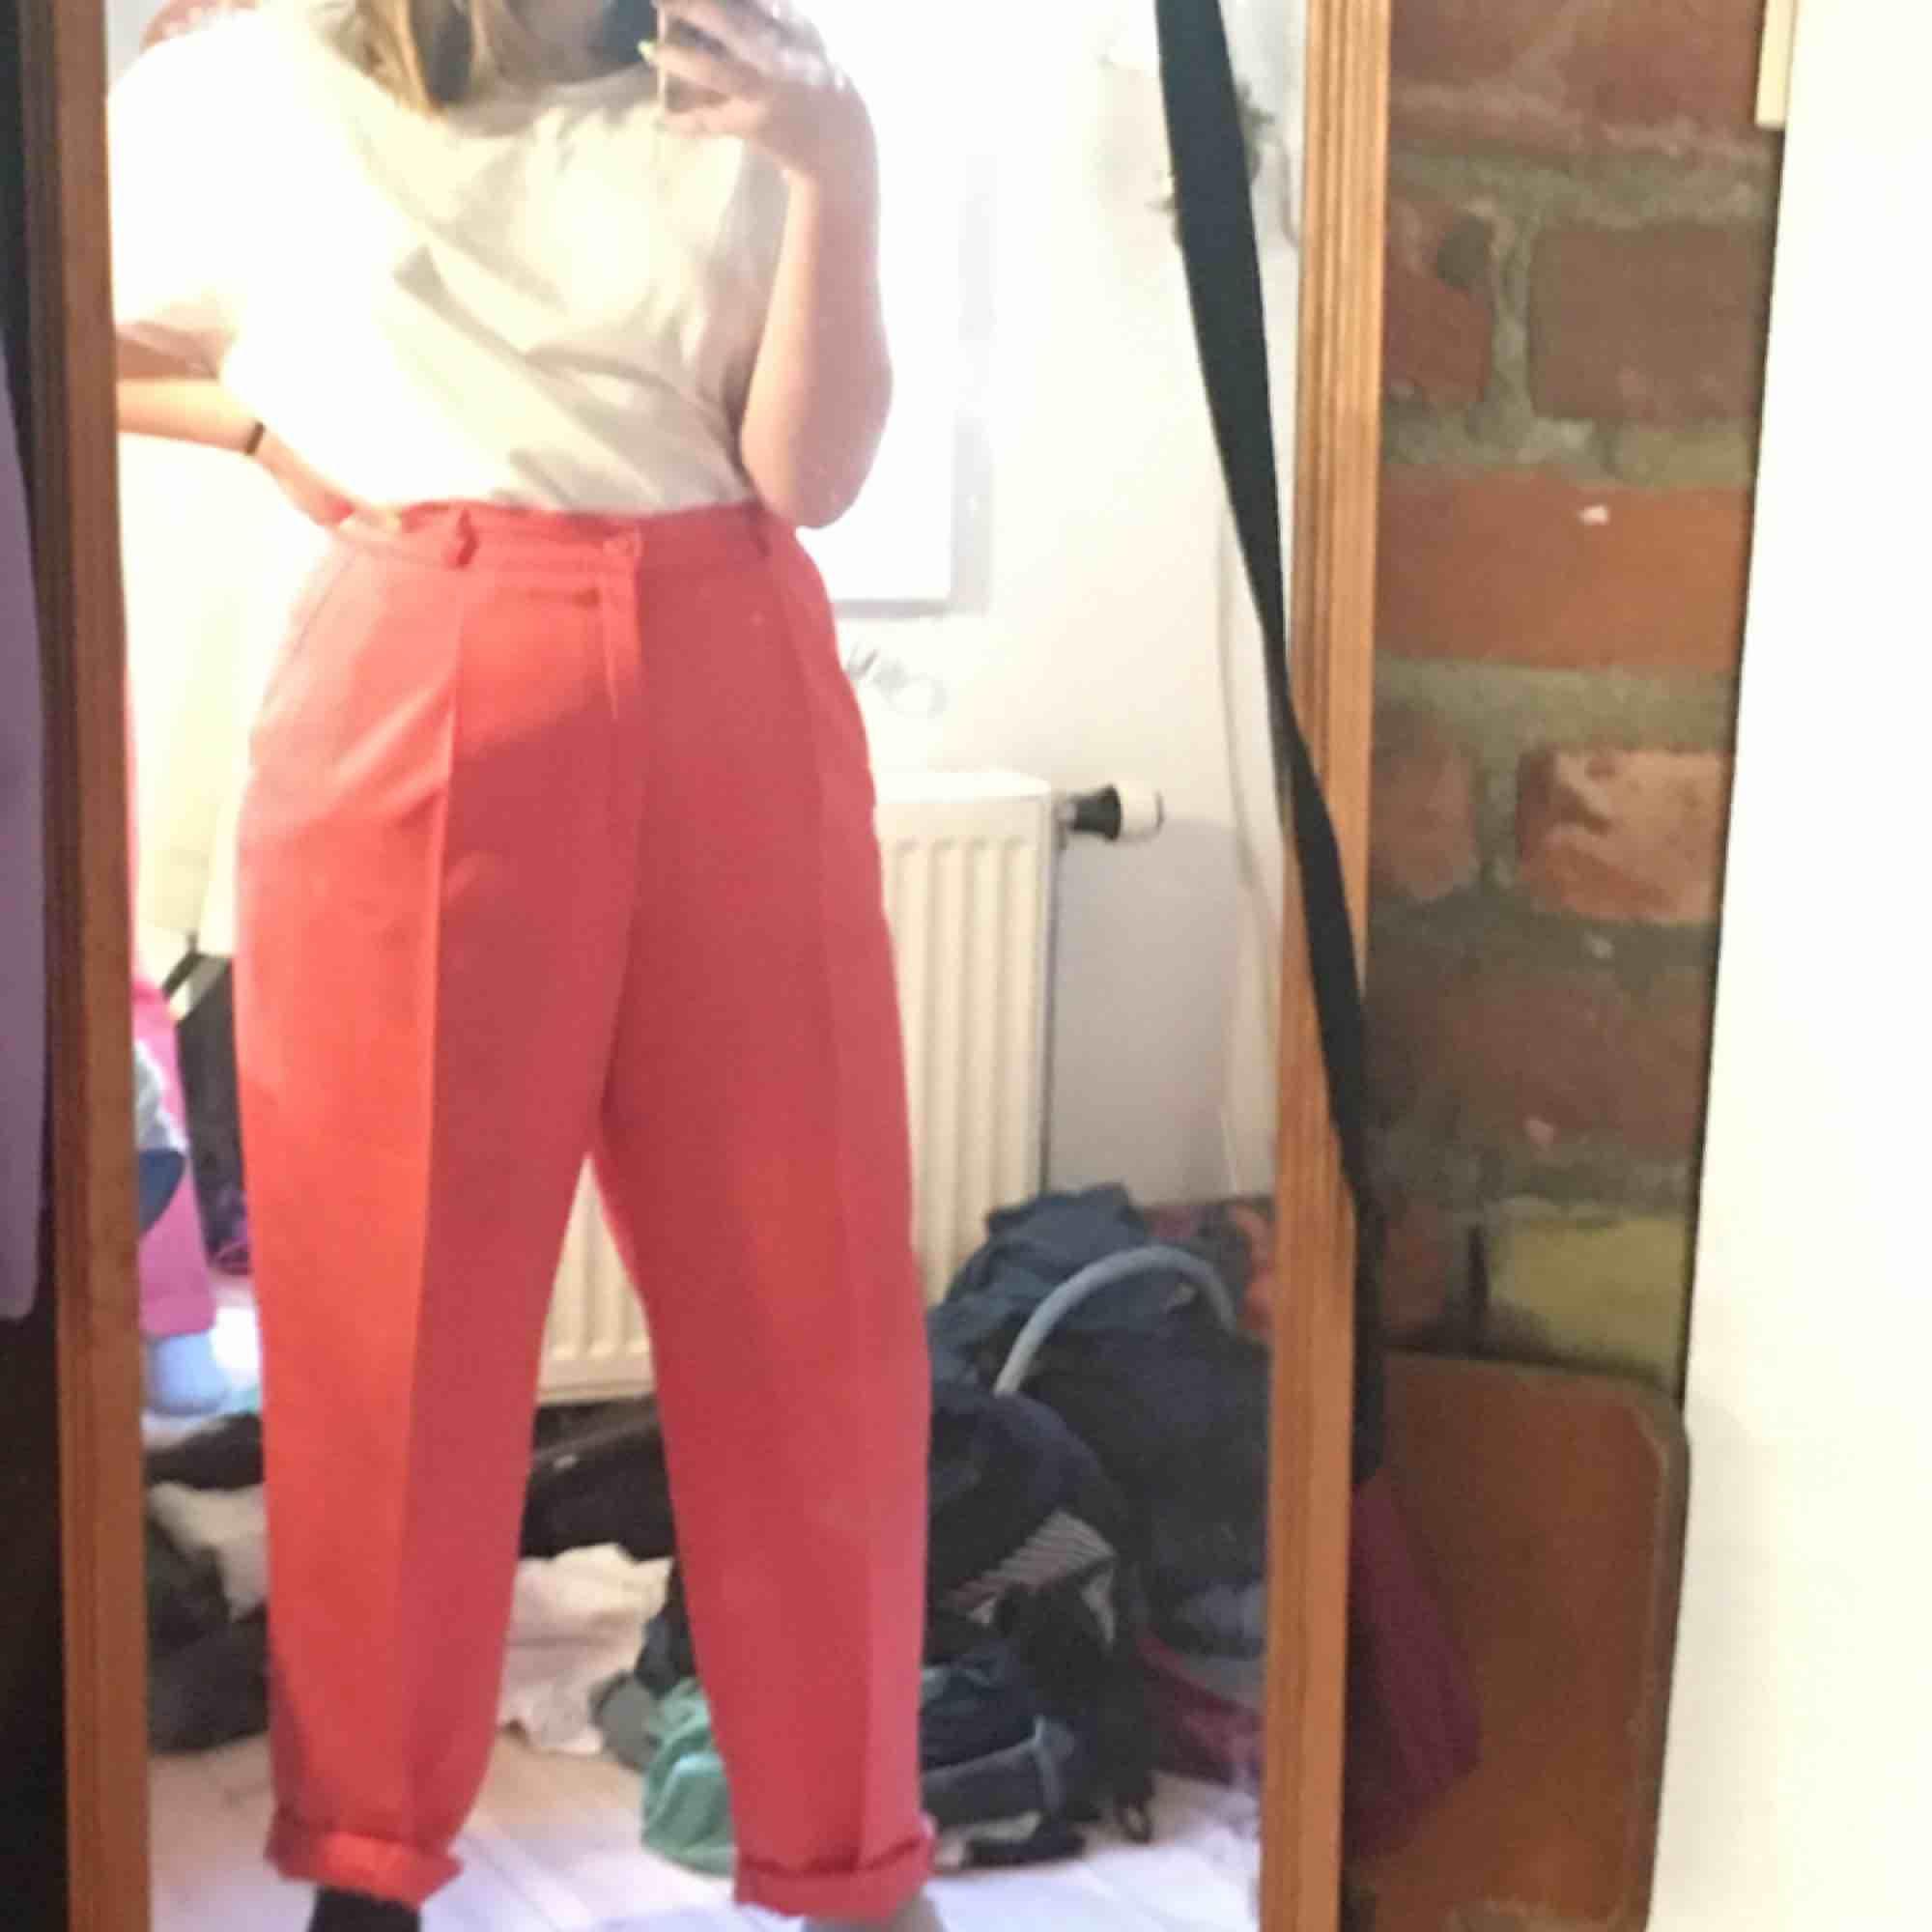 As fina byxor köpta på humana. De är stora i benen men tighta i midjan och är rosa/orangea, peachy färg typ🍑 (bild 1 & 2 är mest lika). Det är några små fläckar på låren men de syns knappt och går nog bort i tvätten. Passar M och L skulle jag säga❤️. Jeans & Byxor.